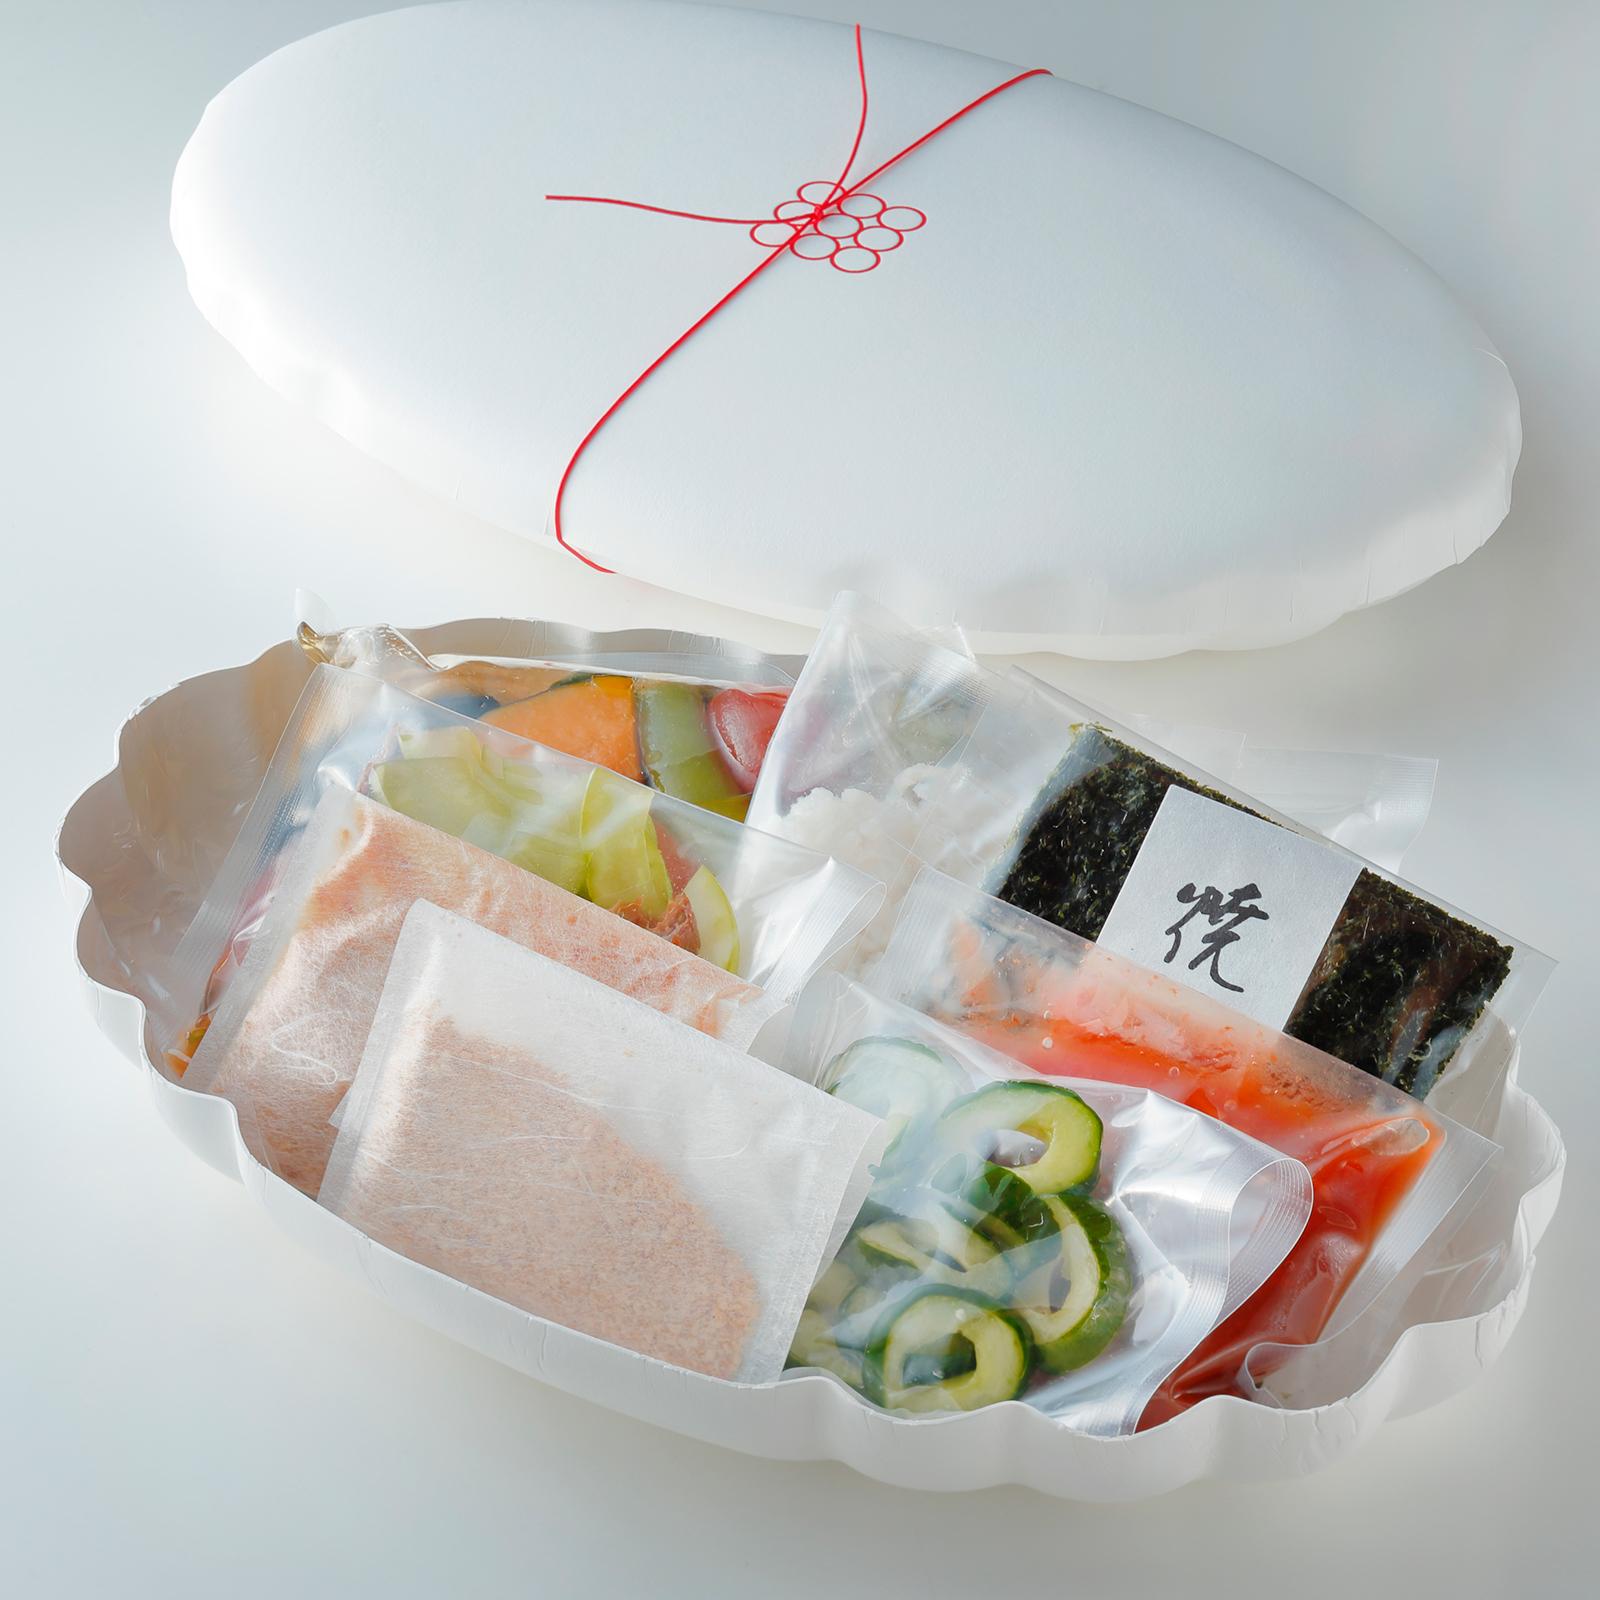 京のひめ苞 鱧の冷し麺と夏野菜ゼリー寄せ